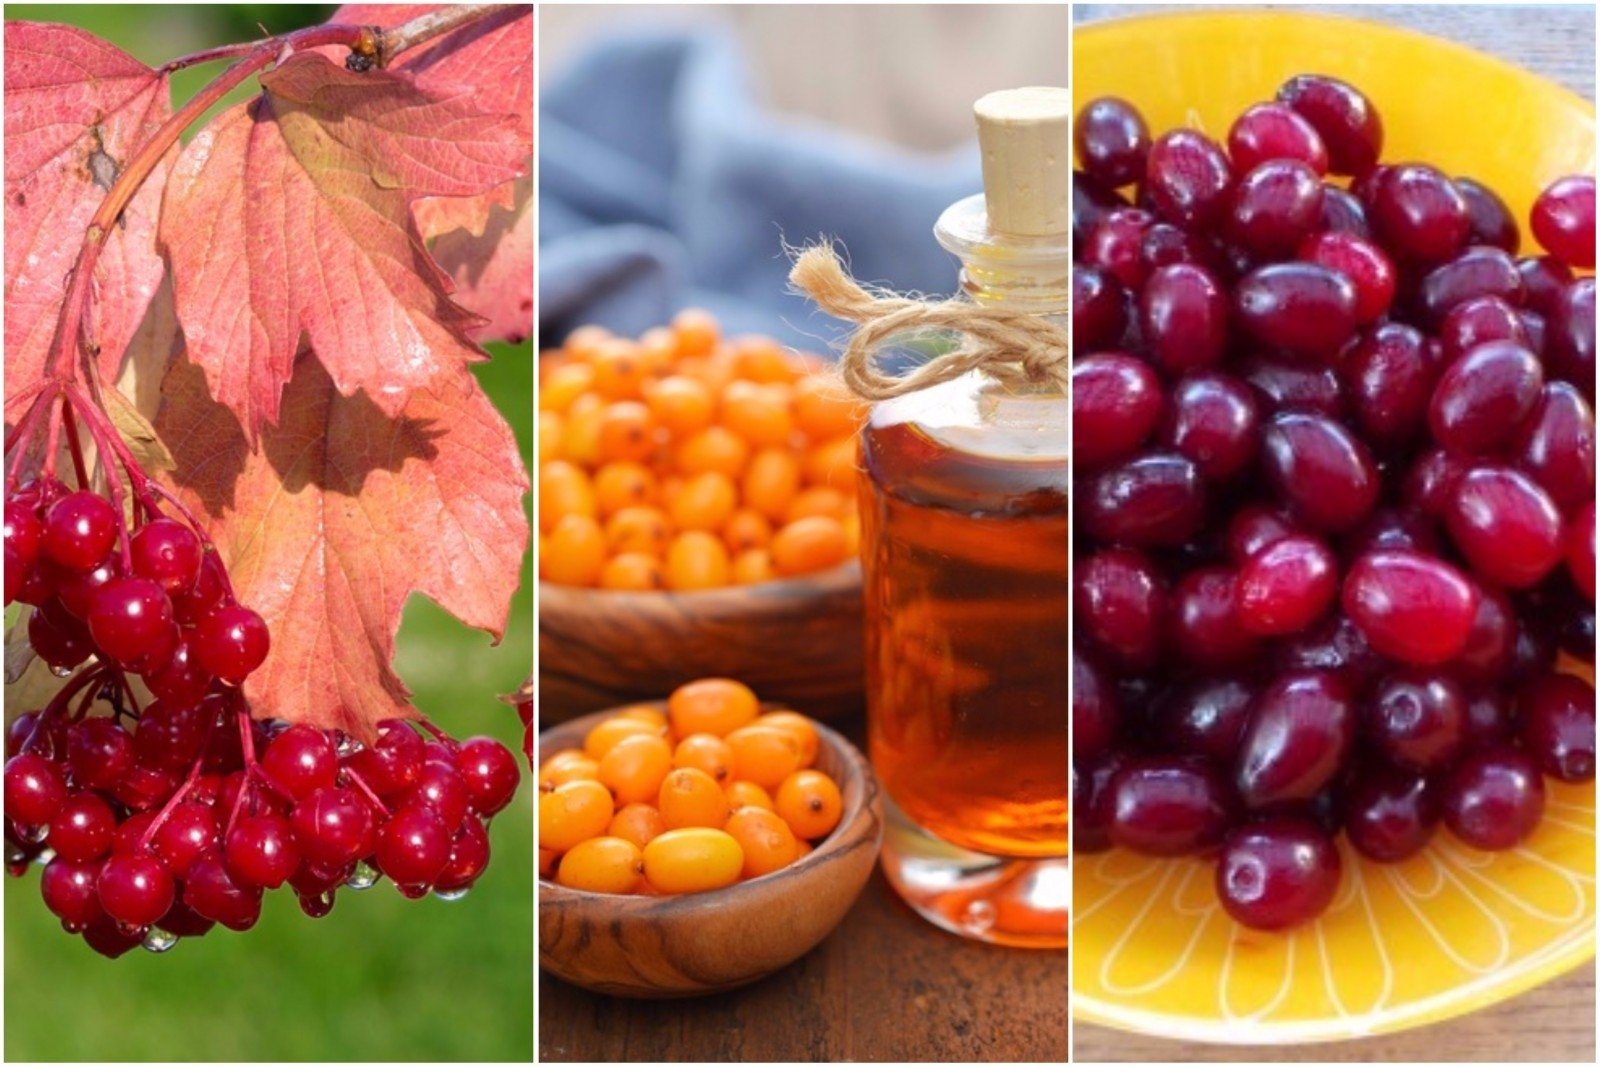 Kraujagyslėms naudingi maisto produktai | failitus.lt